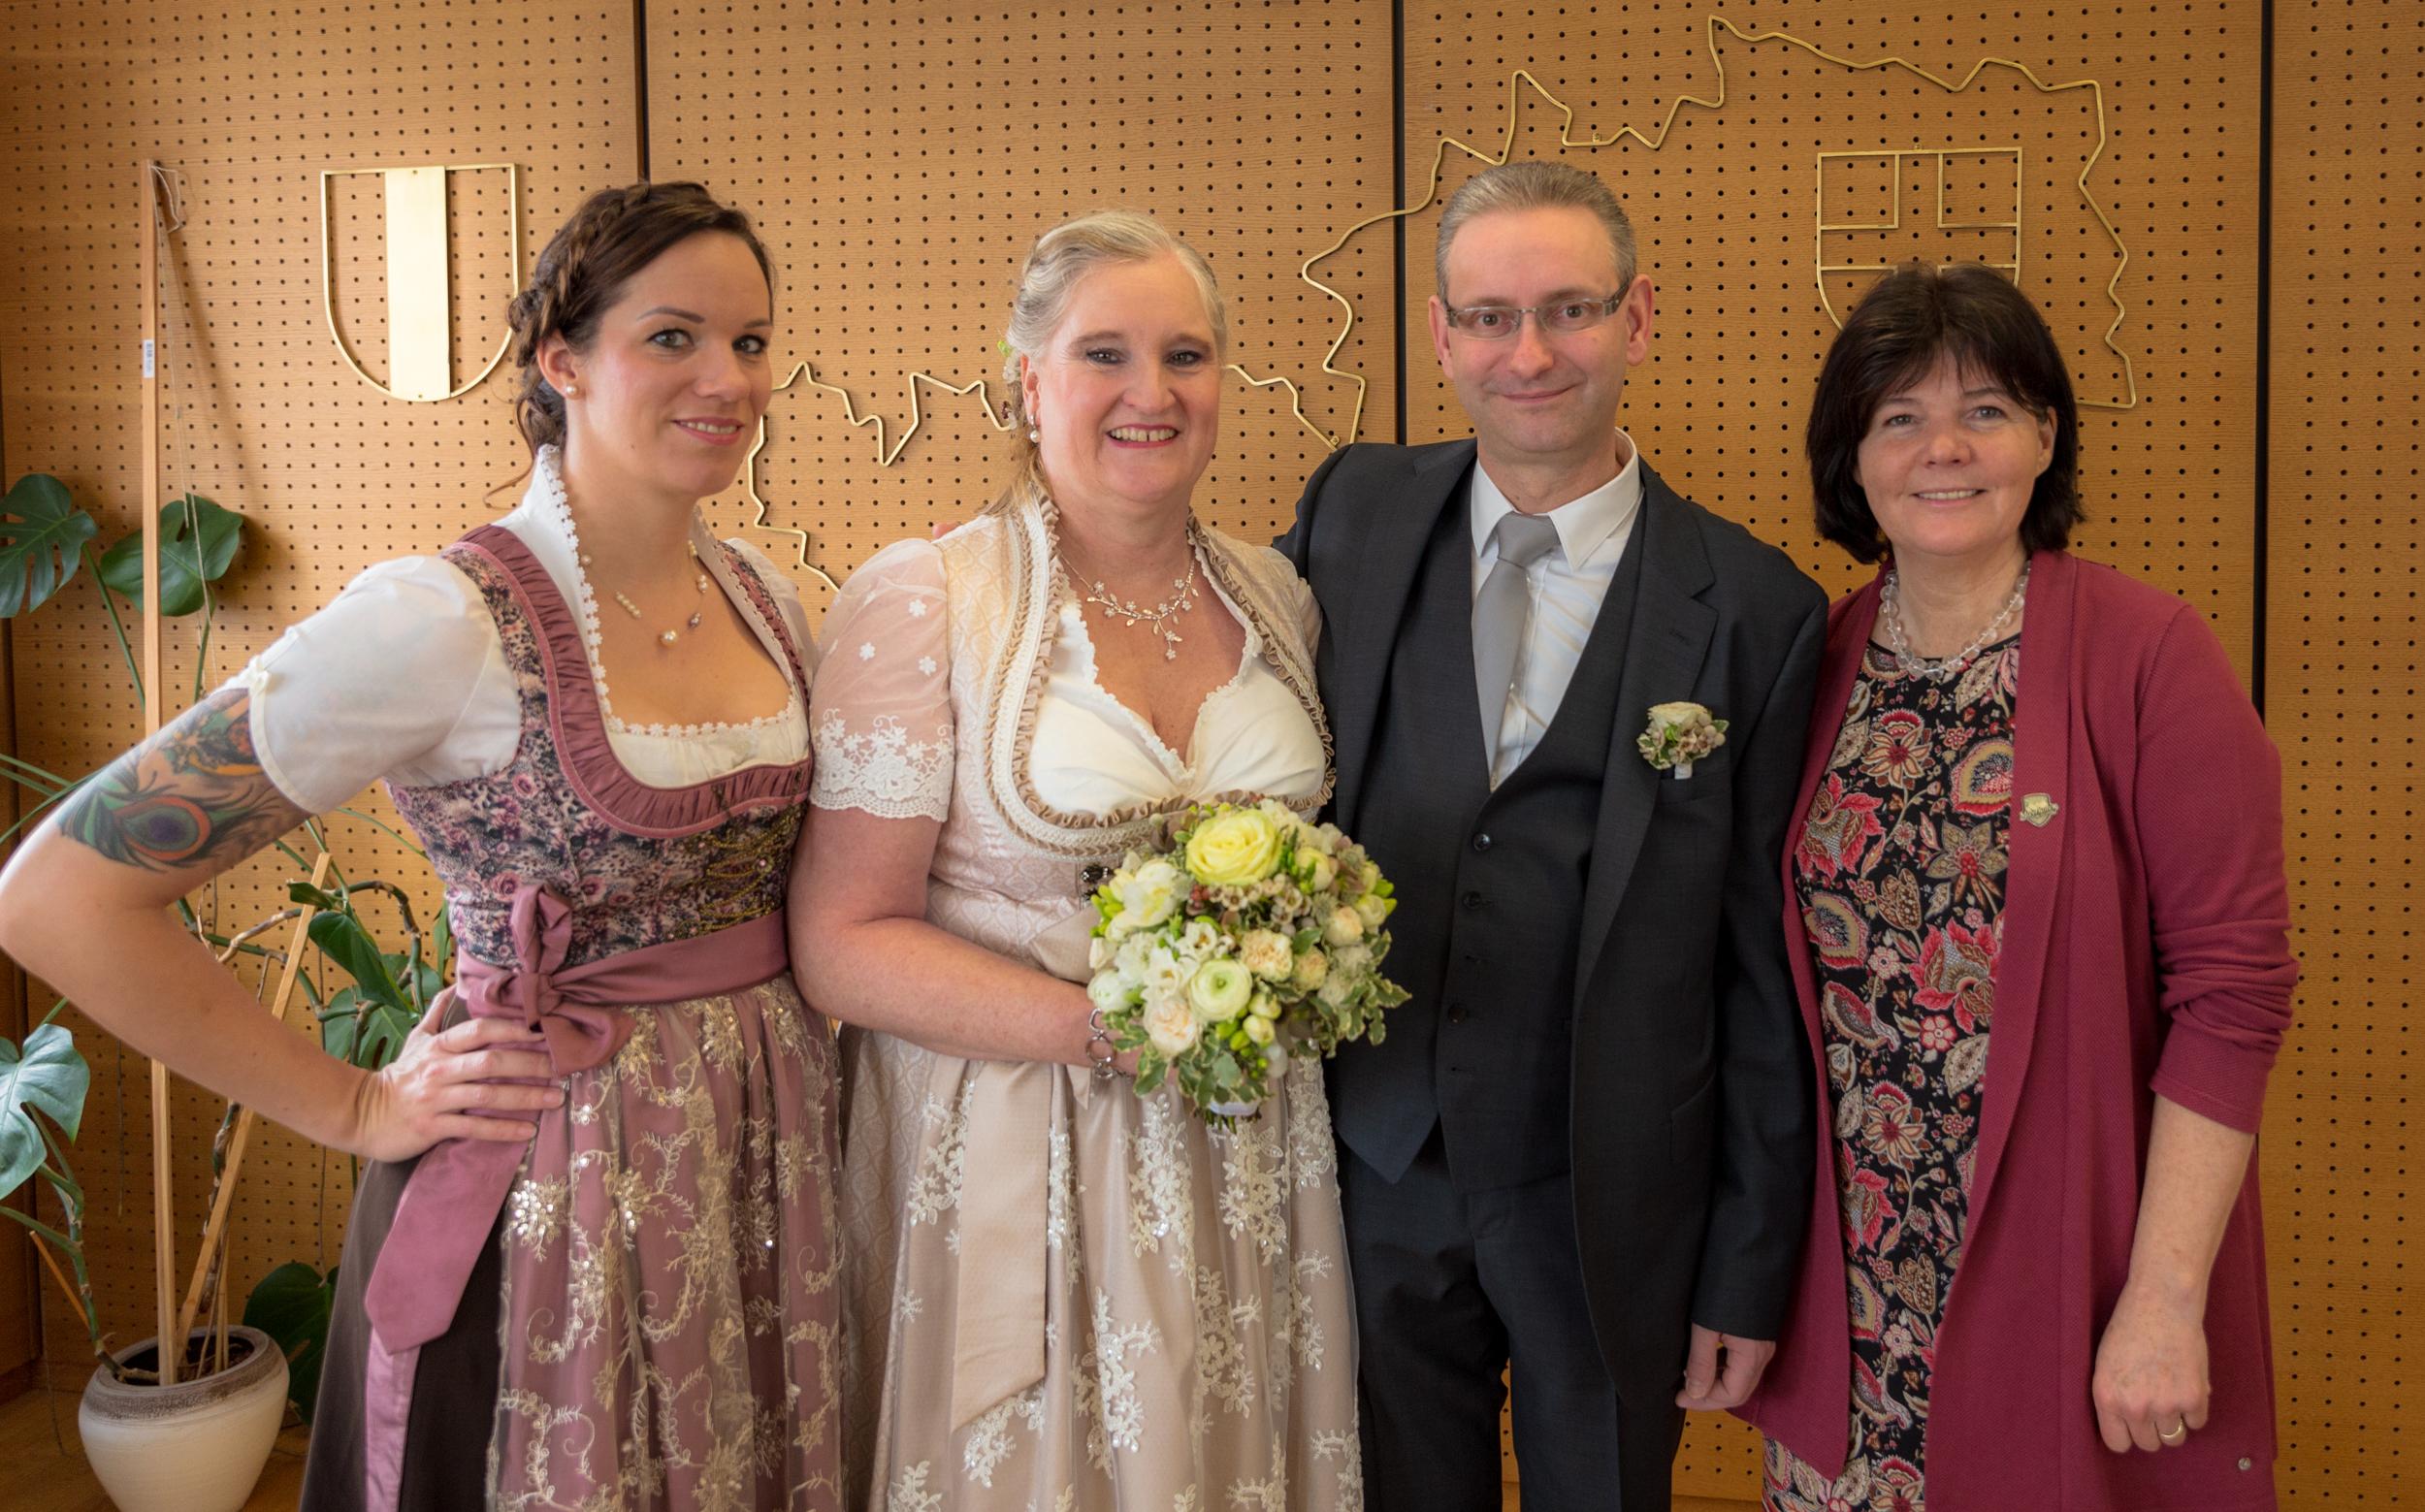 20190212_Hochzeit Koenig_0290.jpg